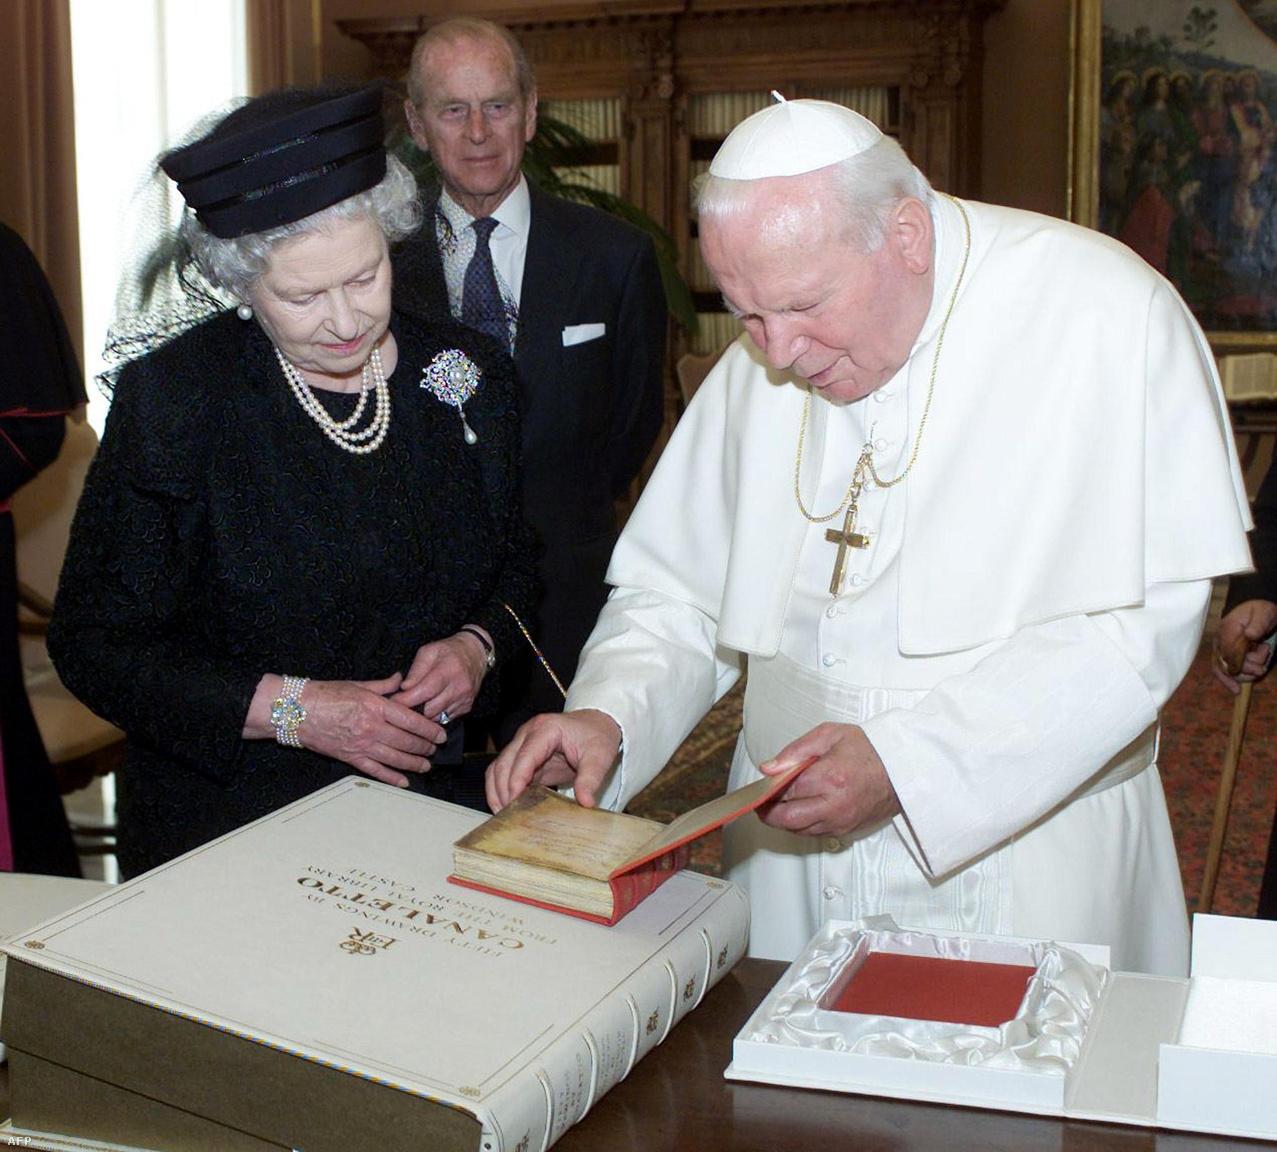 II. Erzsébet királynő a Vatikánban találkozott II. János Pál pápával 2000-ben. A háttérben pedig ott látható a királynő fáradhatatlan kísérője is.